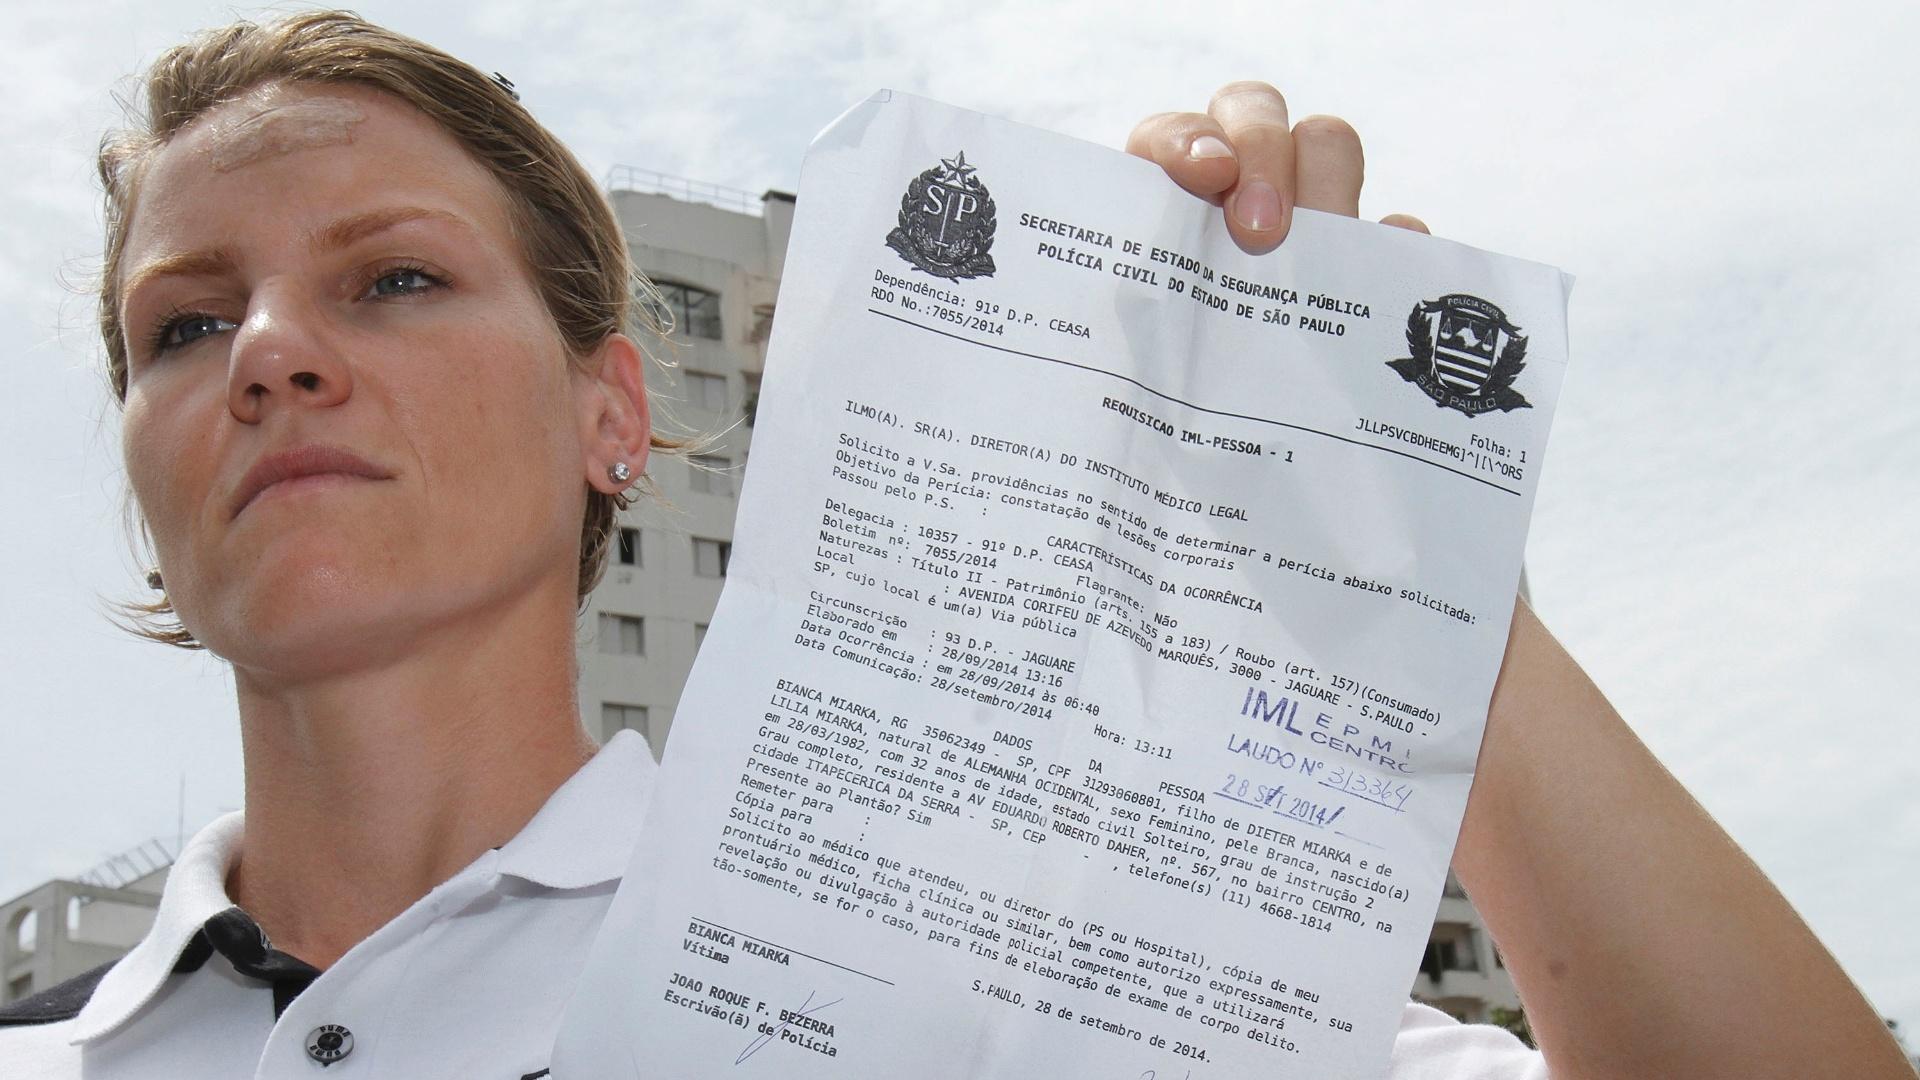 30.set.2014 - A remadora Bianca Miarka, 32, foi espancada por dois assaltantes em frente a um dos portões da USP, no Butantã (zona oeste de São Paulo), na manhã deste domingo (28), quando chegava à universidade para disputar o campeonato brasileiro de remo, realizado na raia olímpica da universidade